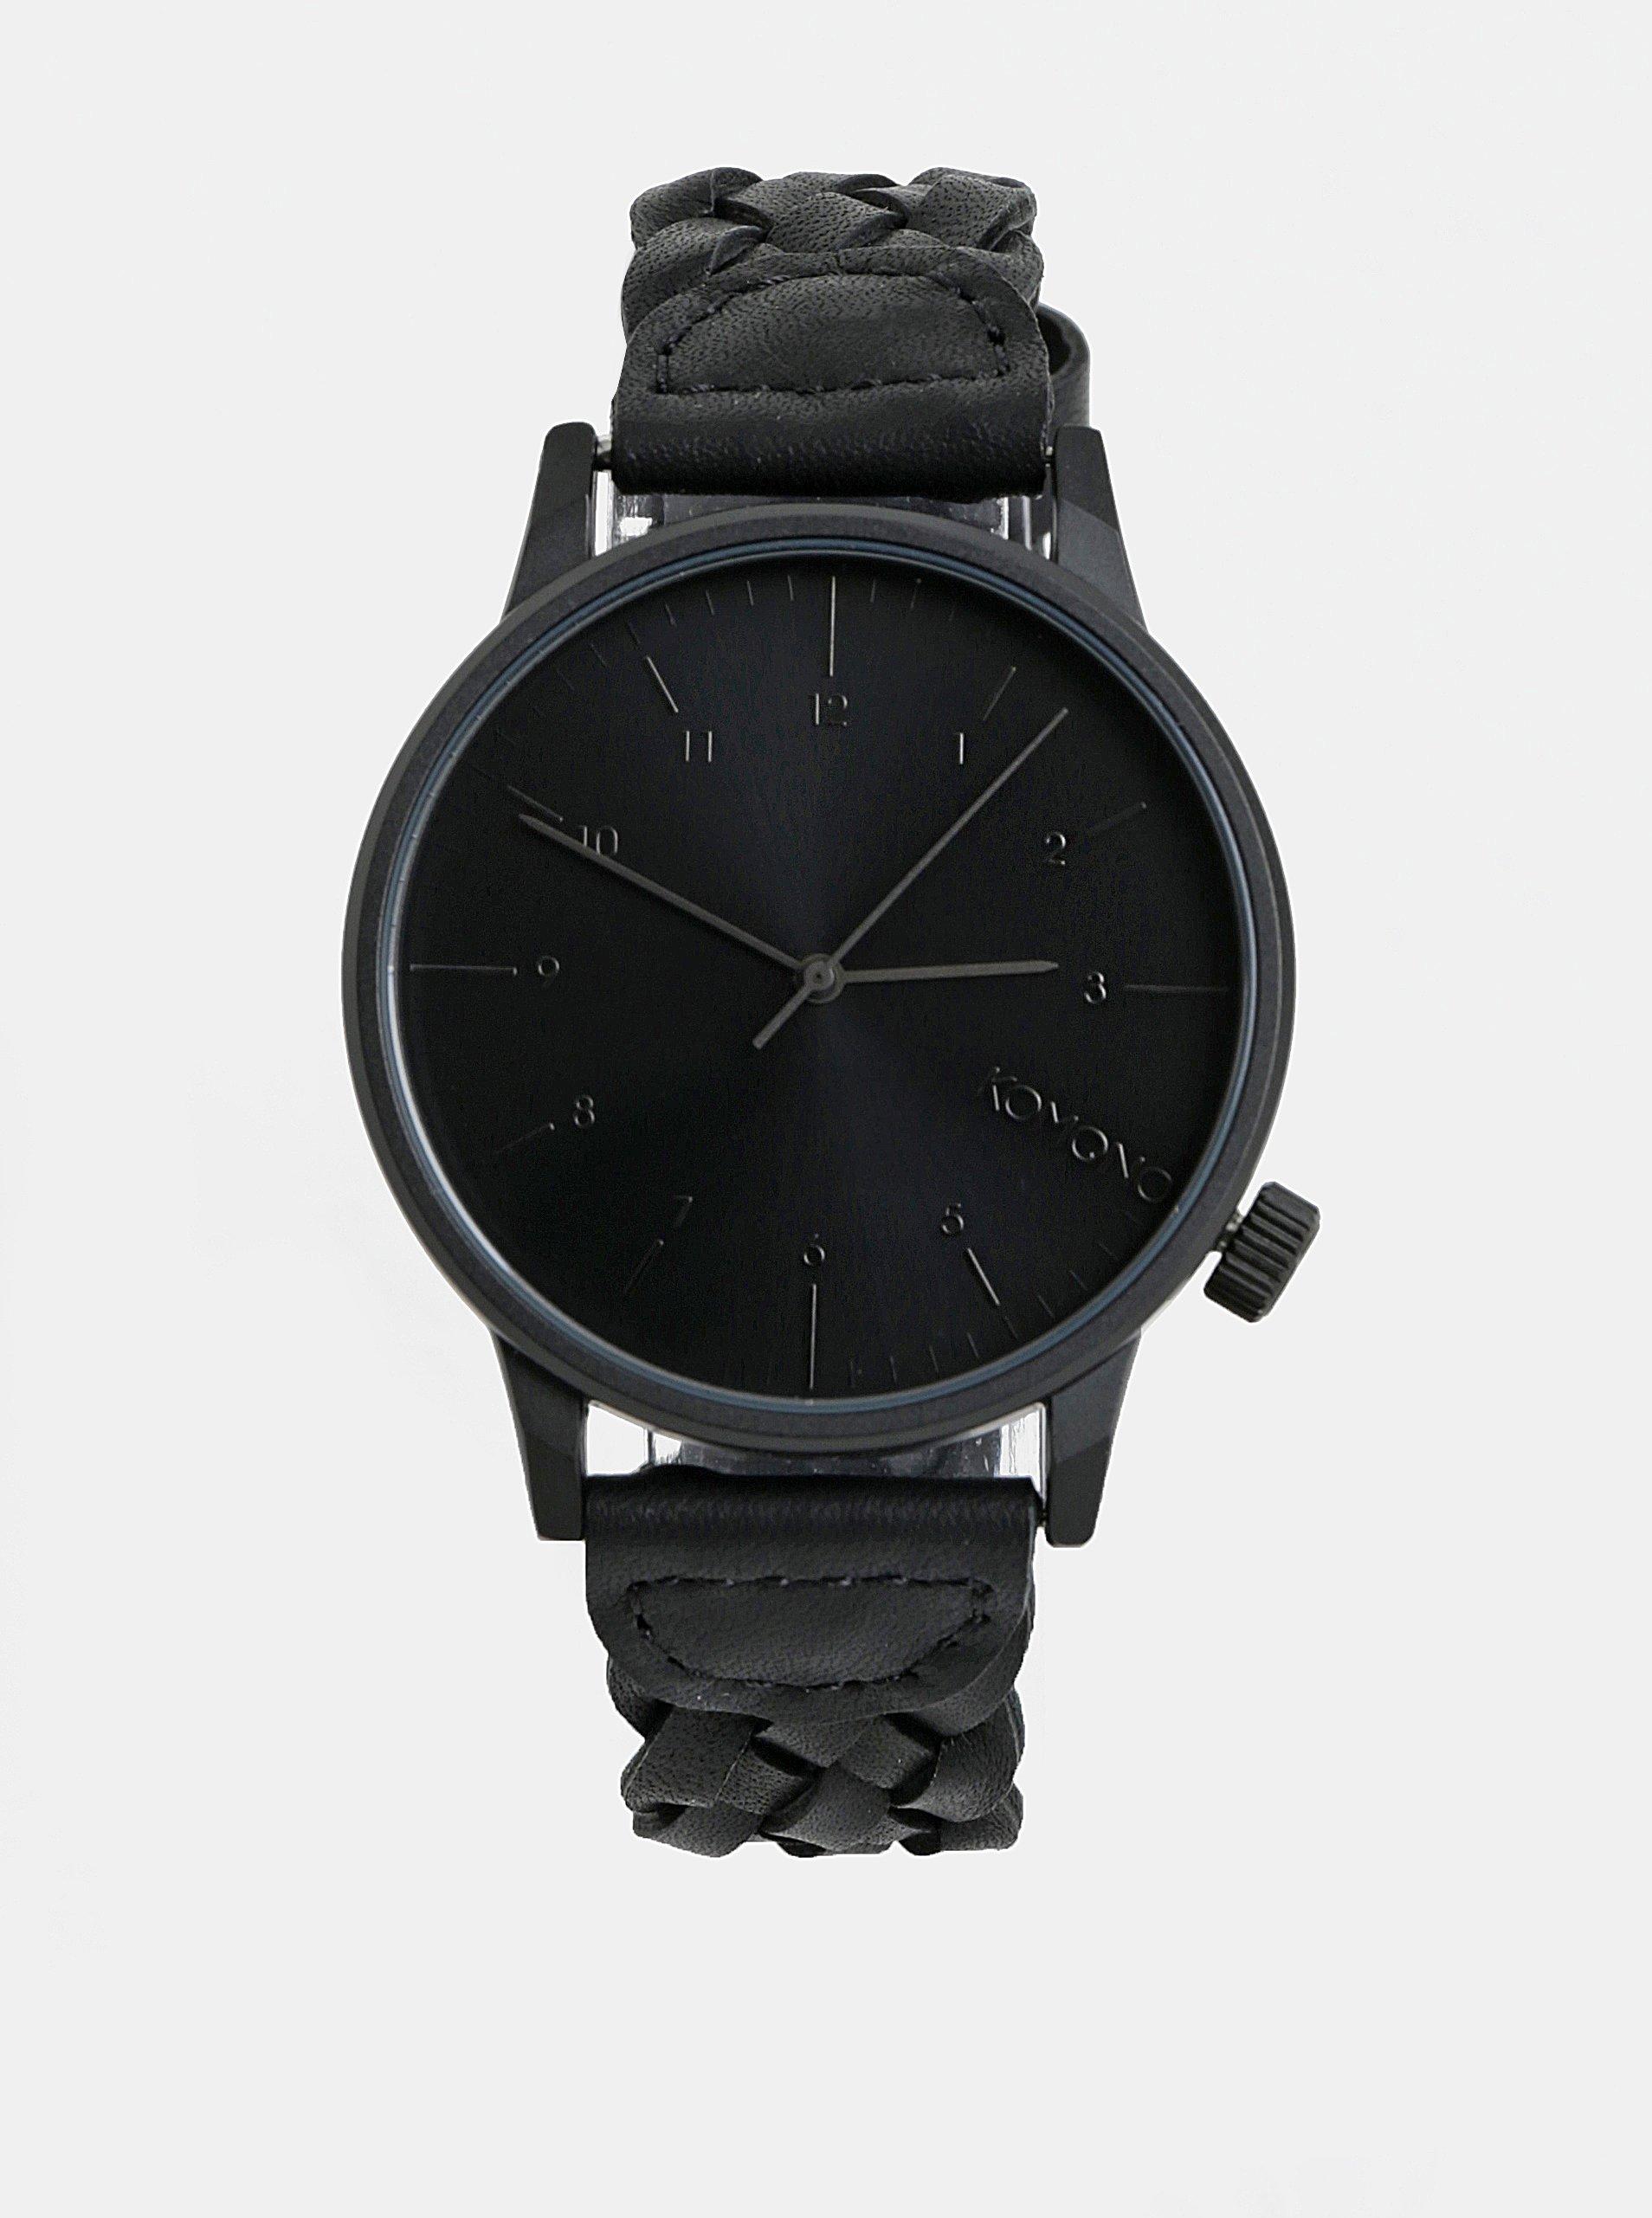 ff2fbd8d37 Čierne pánske hodinky Komono s koženým remienkom Harlow